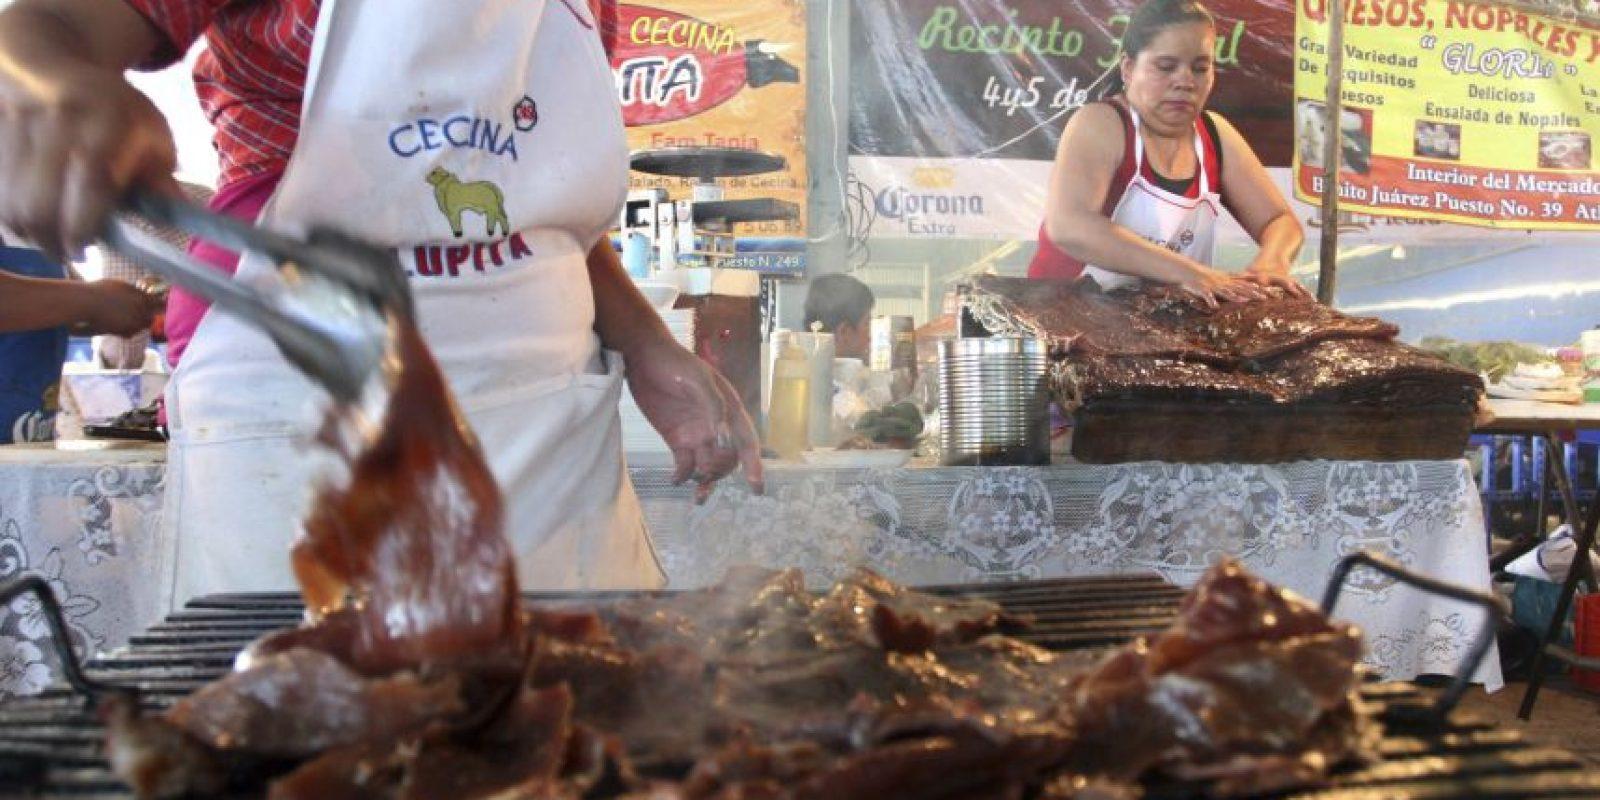 Se espera vender al menos 11 toneladas de carne en la Feria de la Cecina.